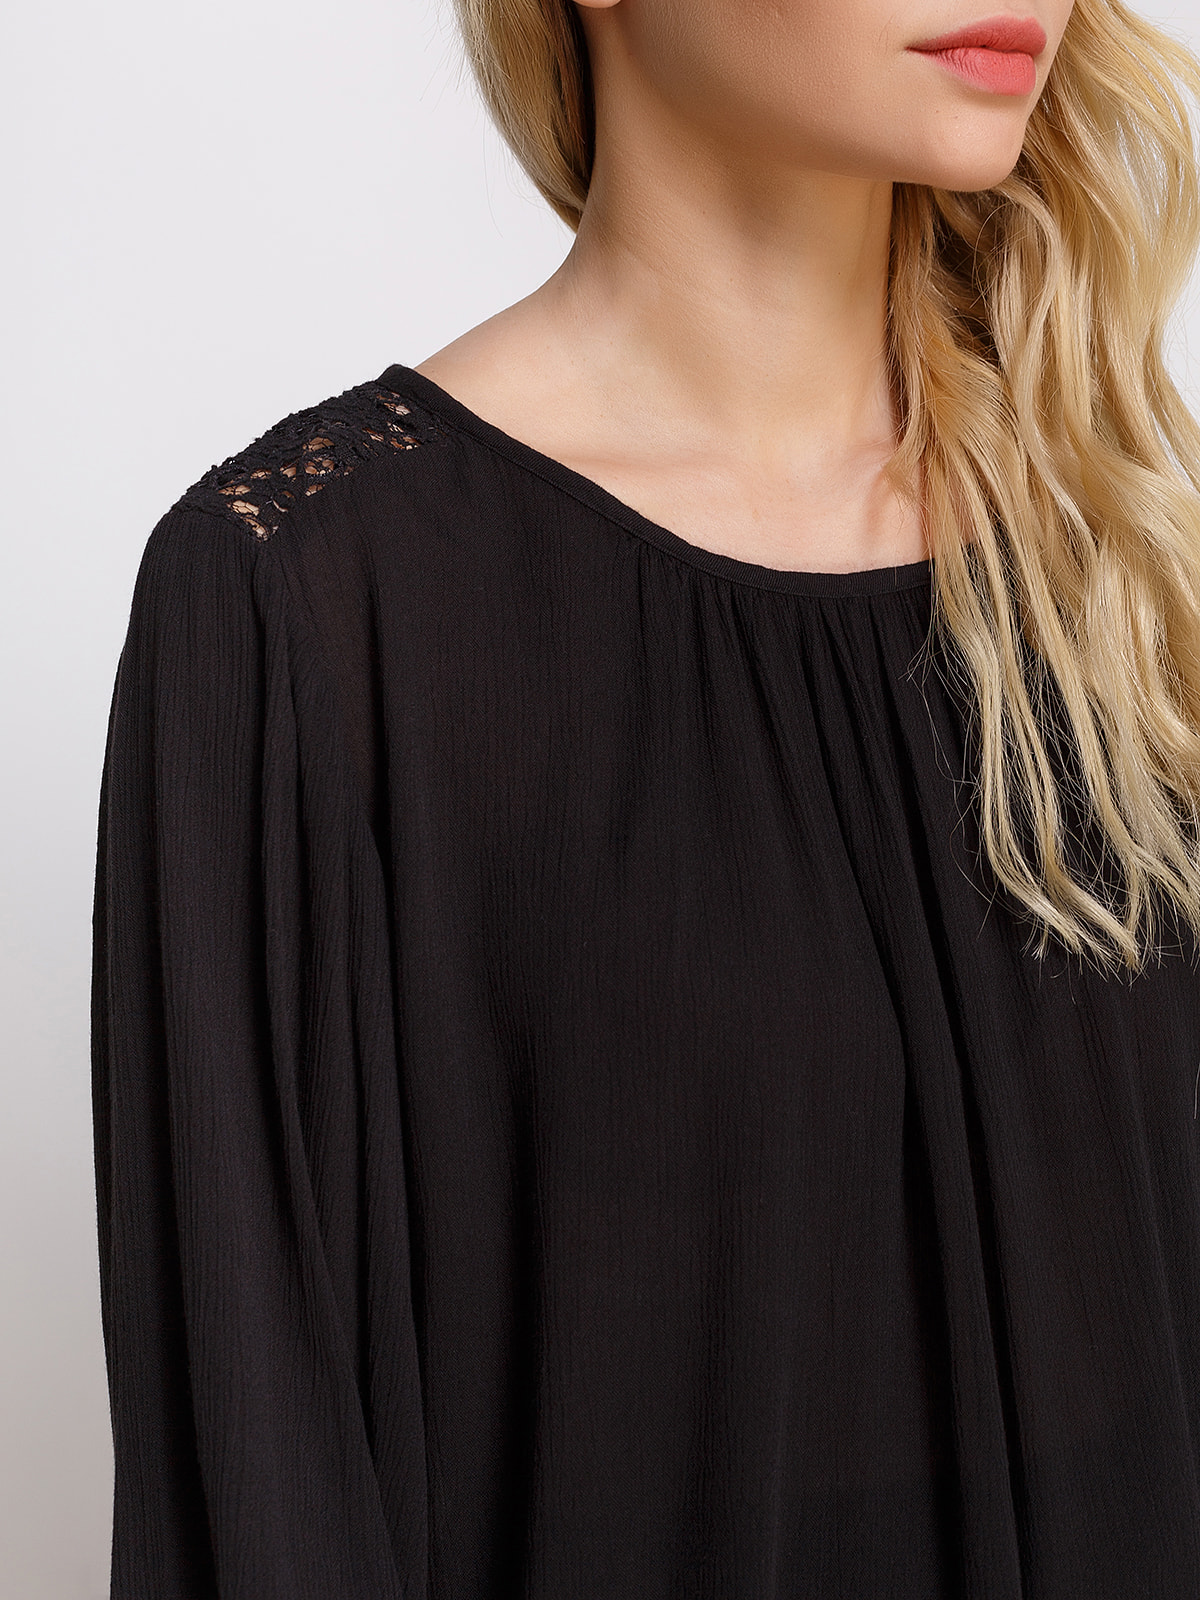 Блуза чорна | 4559885 | фото 3